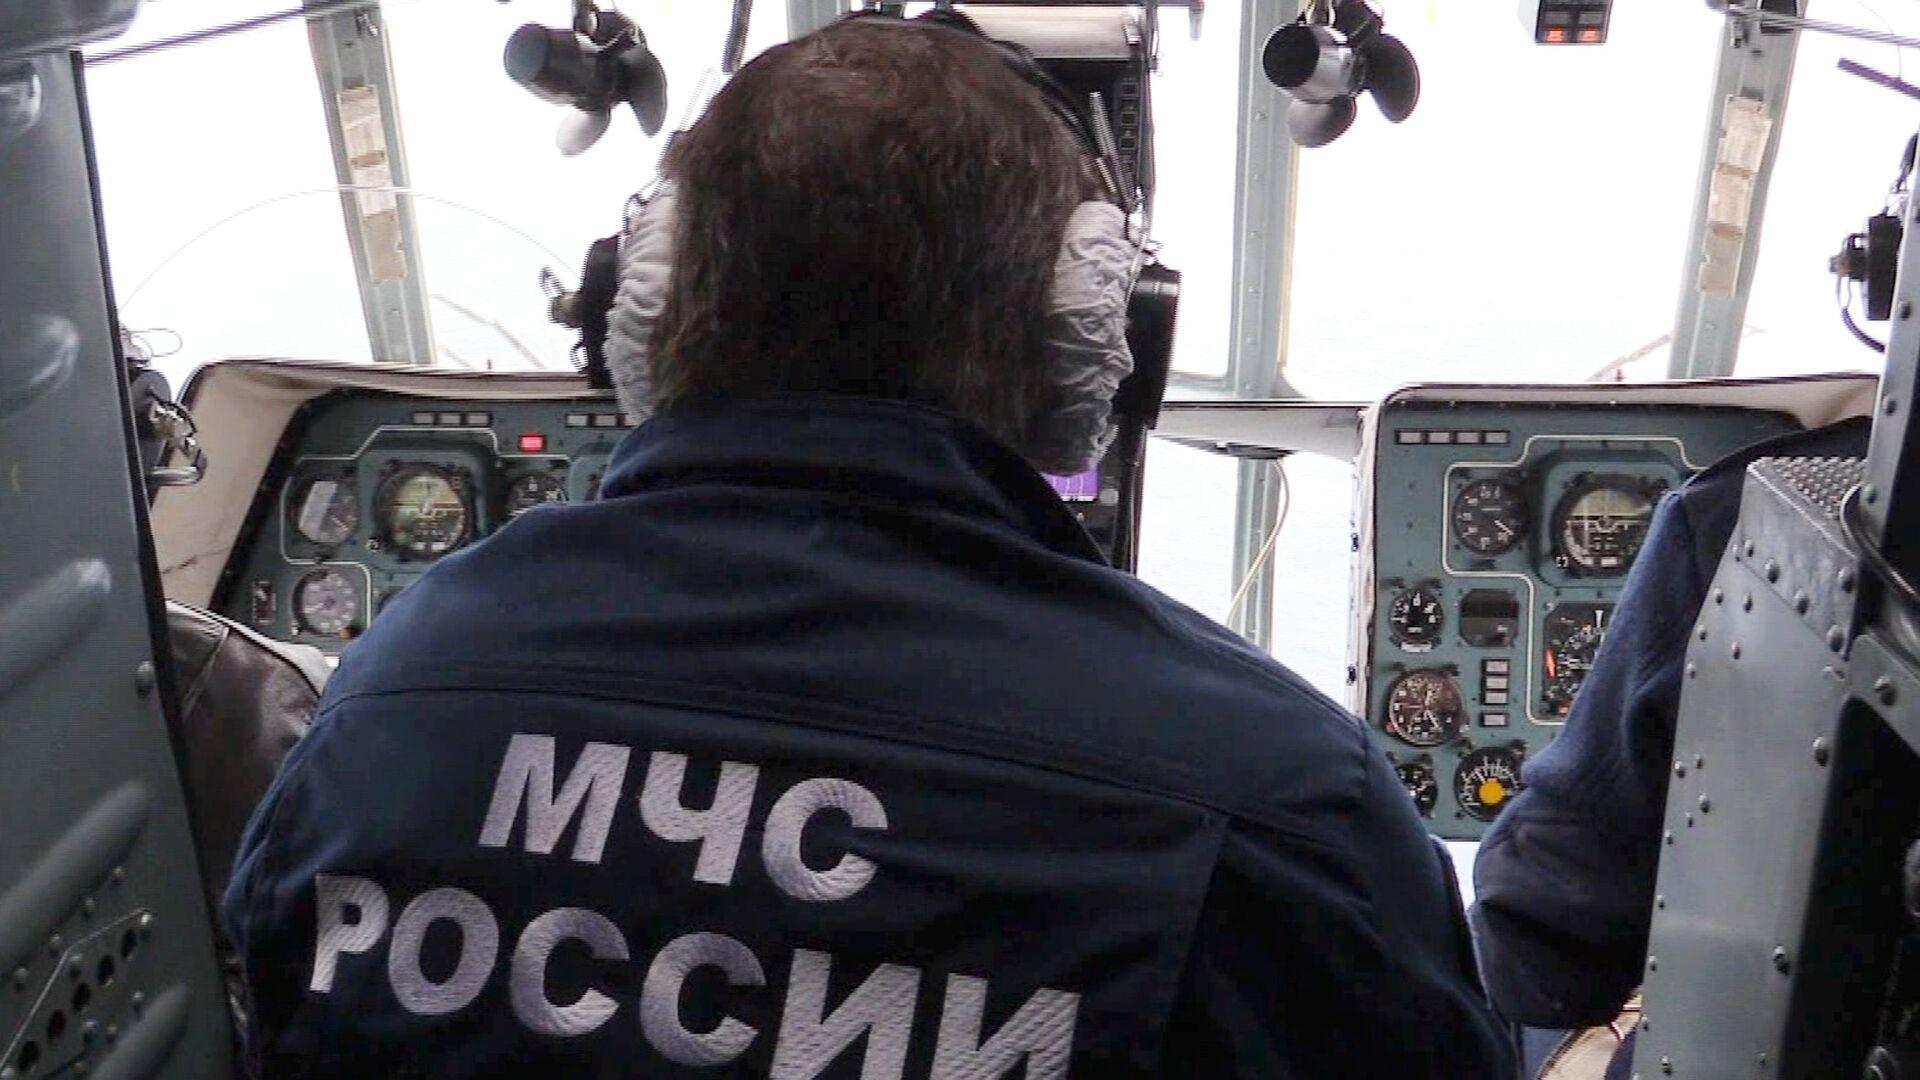 Поисково-спасательные операции в акватории Черного моря - РИА Новости, 1920, 28.12.2020